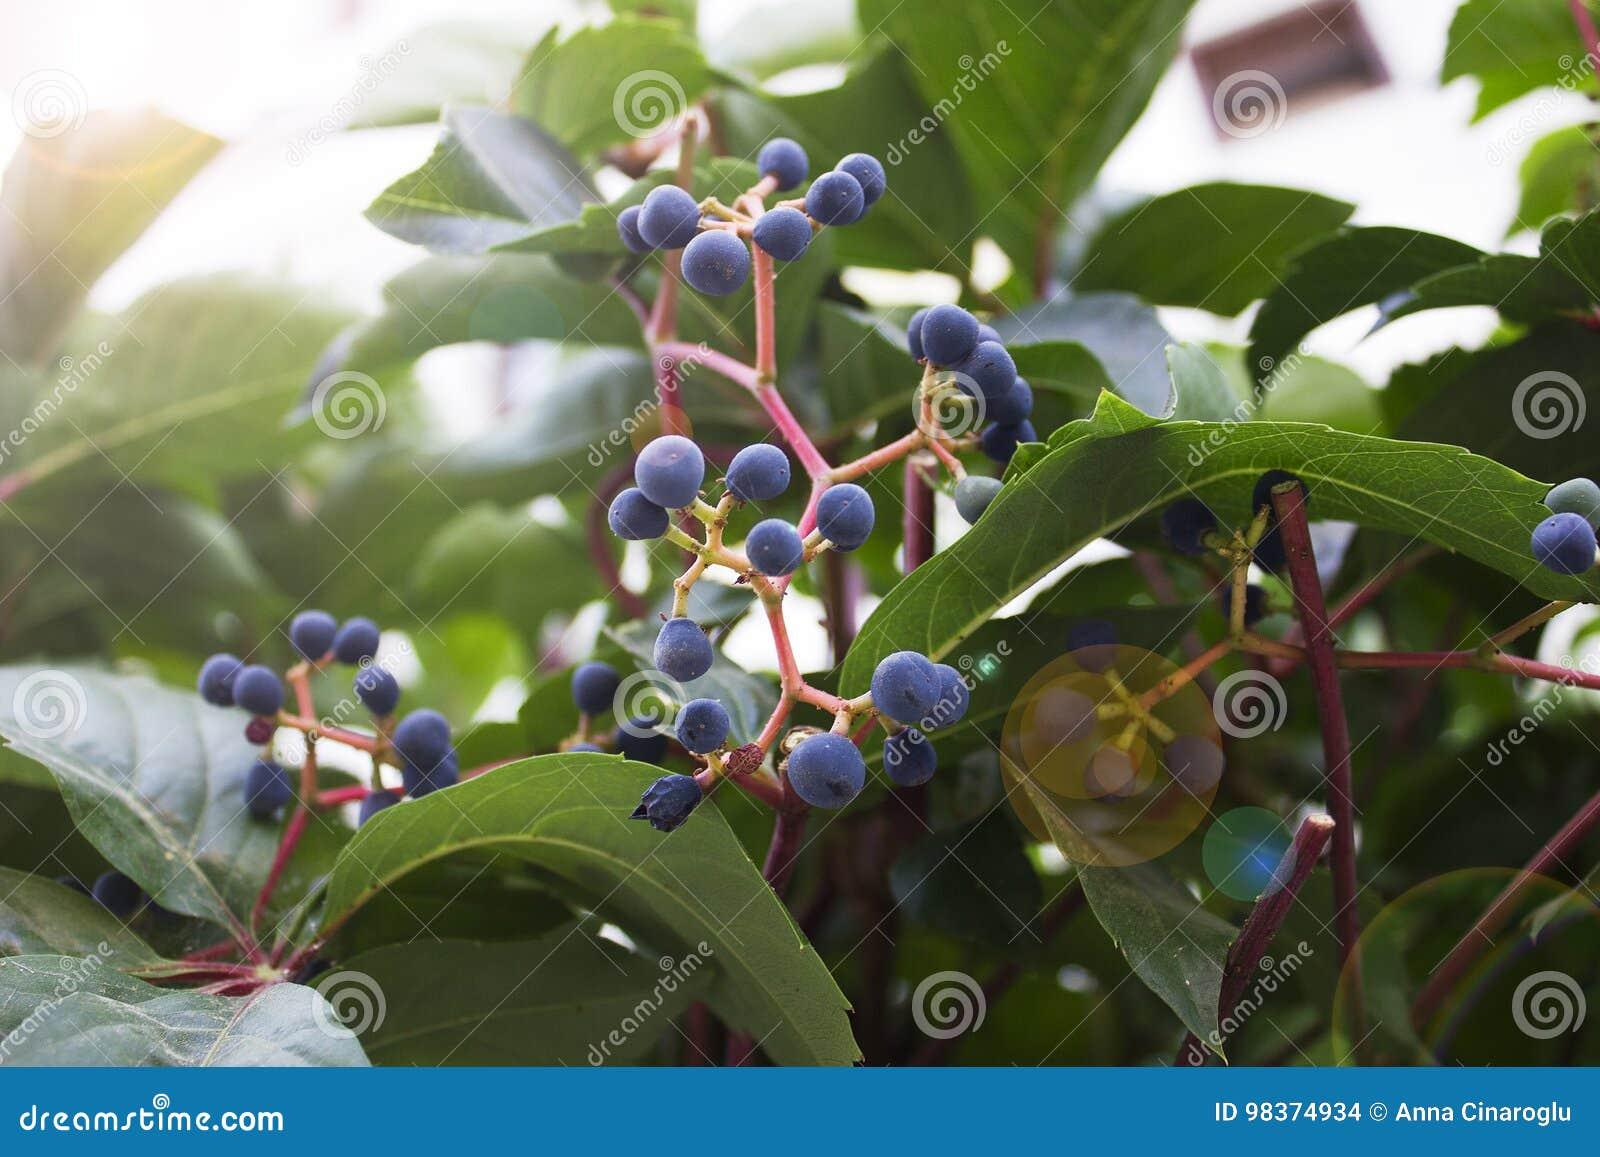 Efeu Mit Blauen Beeren Unter Sonnenschein Stockfoto Bild Von Frech